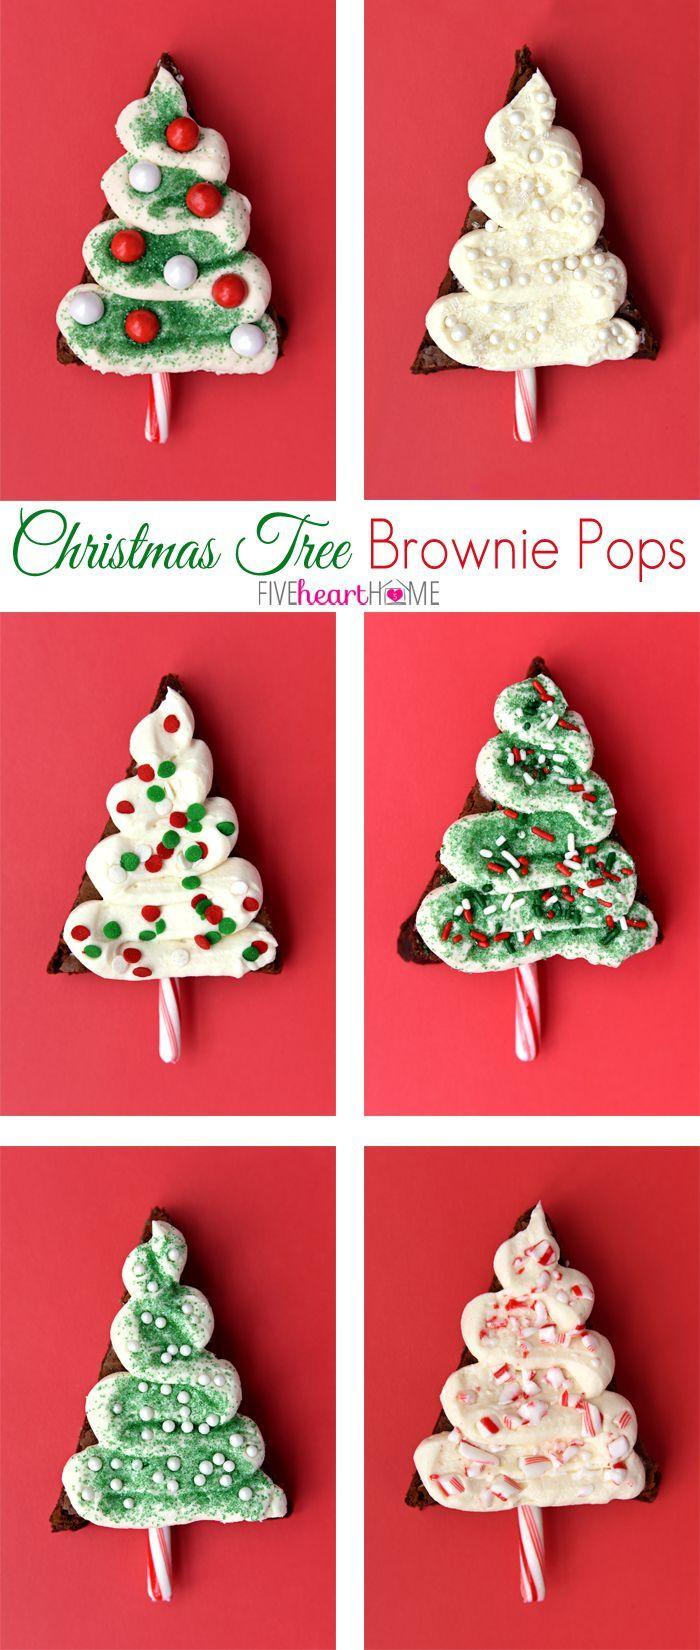 ... Brownies on Pinterest | Brownie Pops, Christmas Brownies and Brownies